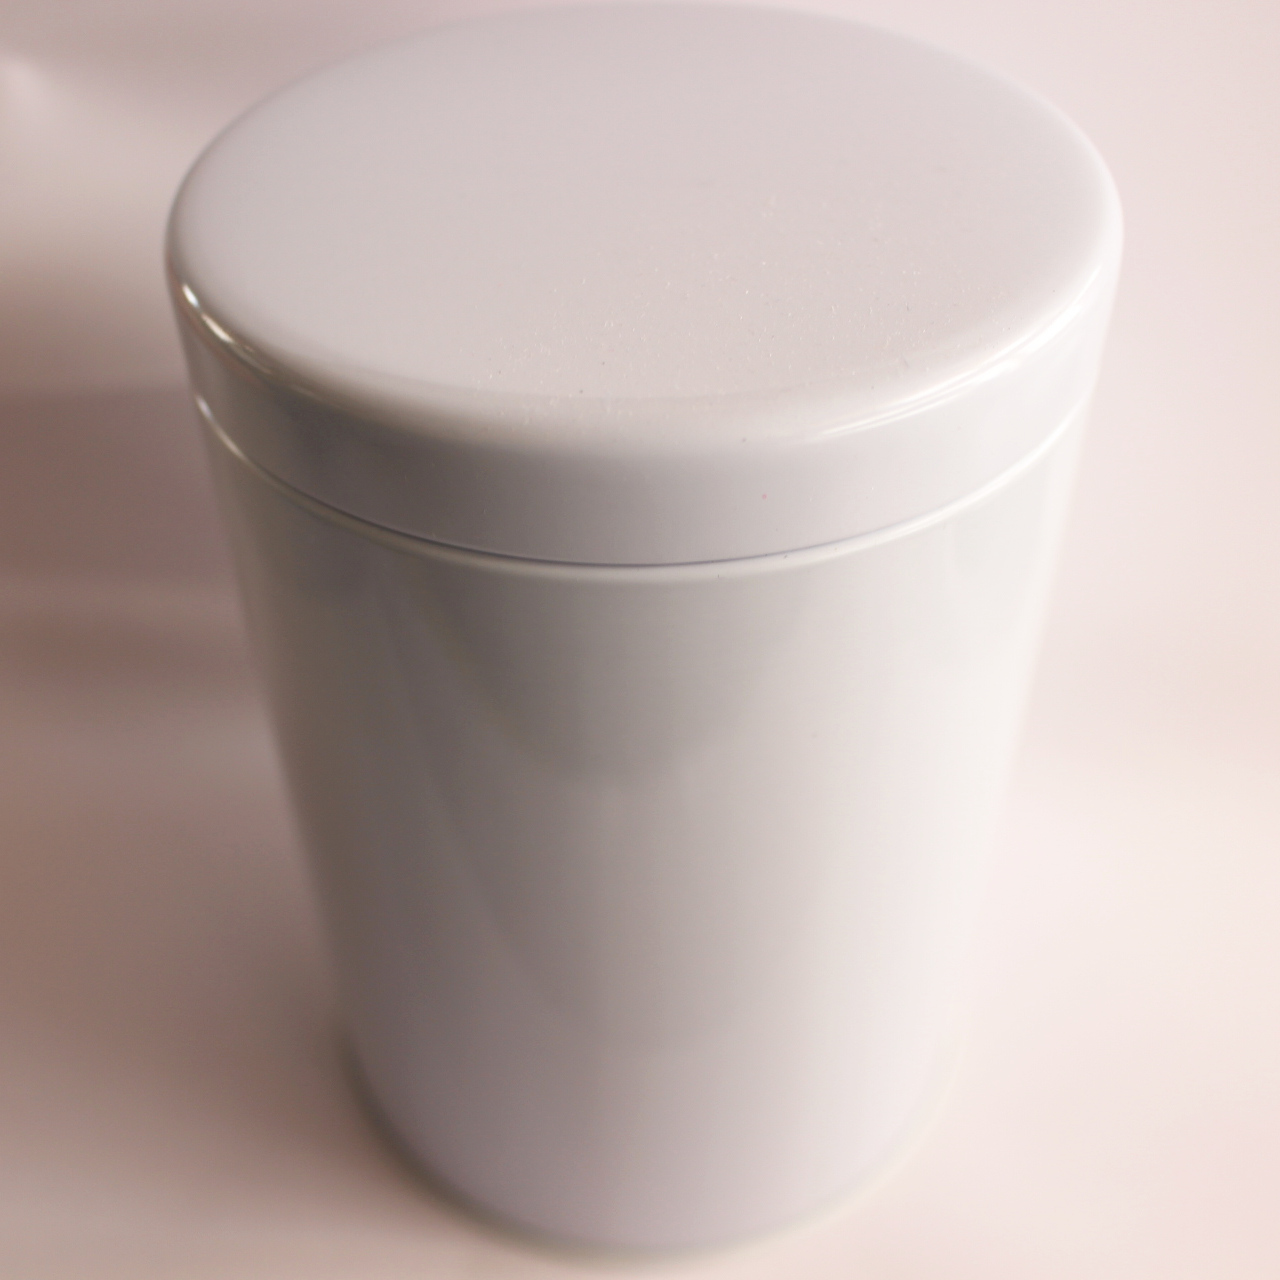 当店一番人気 大型の防湿缶です 密閉性が高く保存用にぴったり 大型紅茶キャニスター 白 防湿缶 150~250g用 開店記念セール